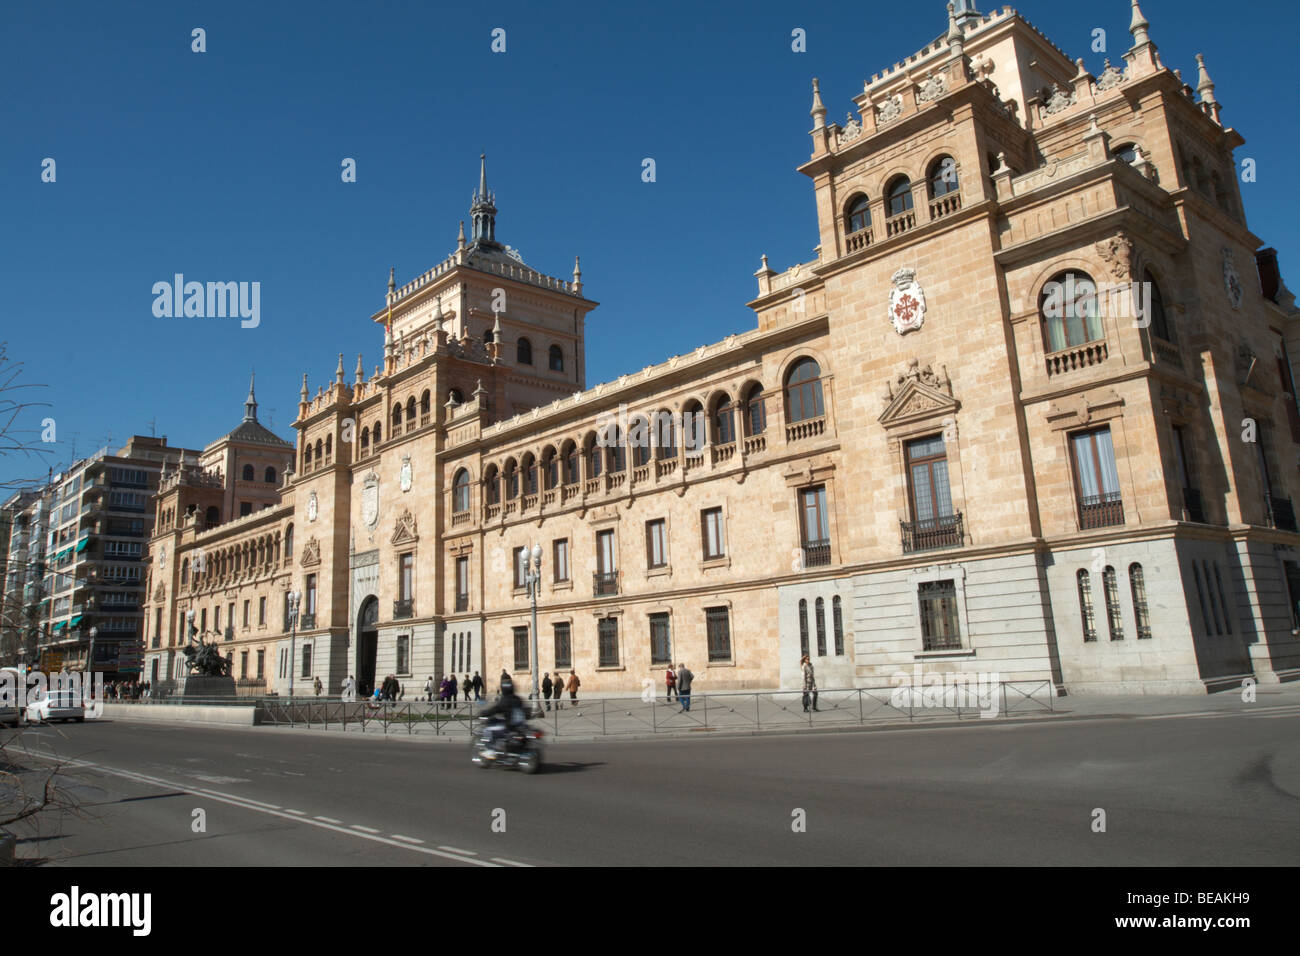 plaza zorilla academia de caballeria Valladolid spain castile and leon - Stock Image